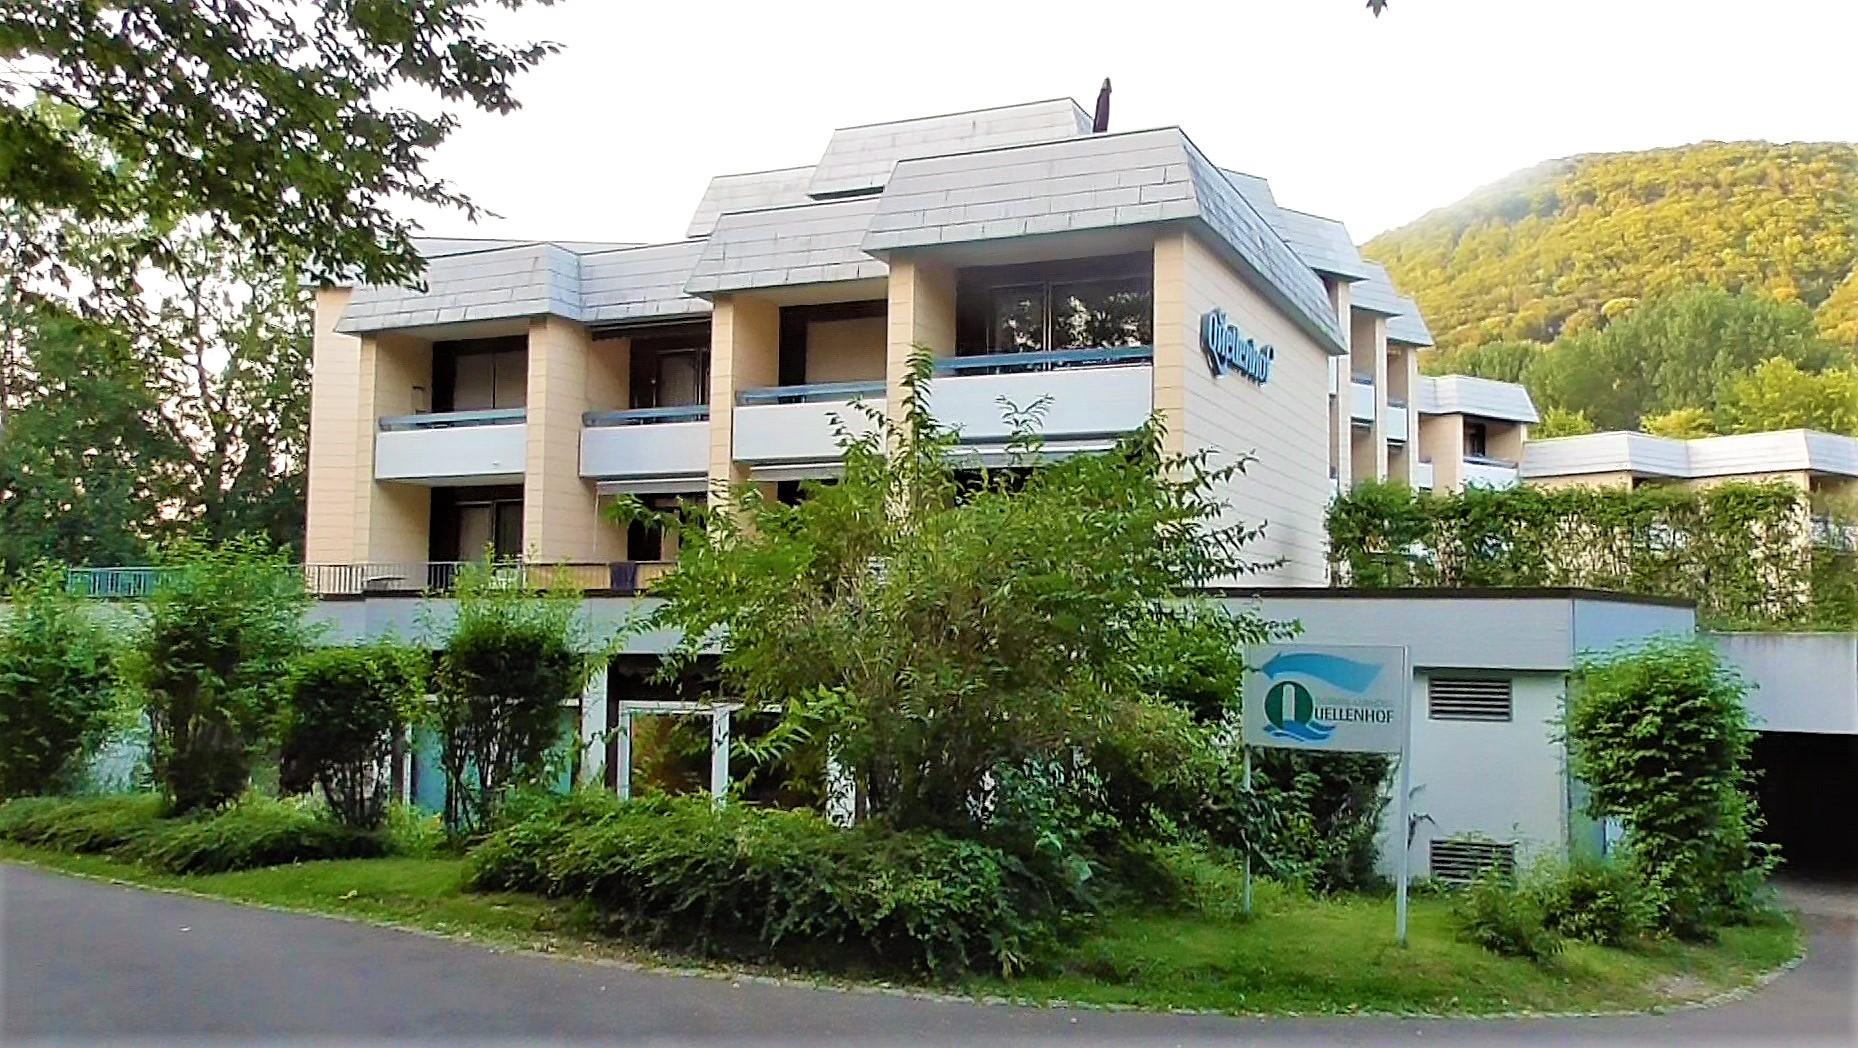 Hotel Quellenhof Mit Thermalbad Direkt Am Kurpark Und Den Albthermen